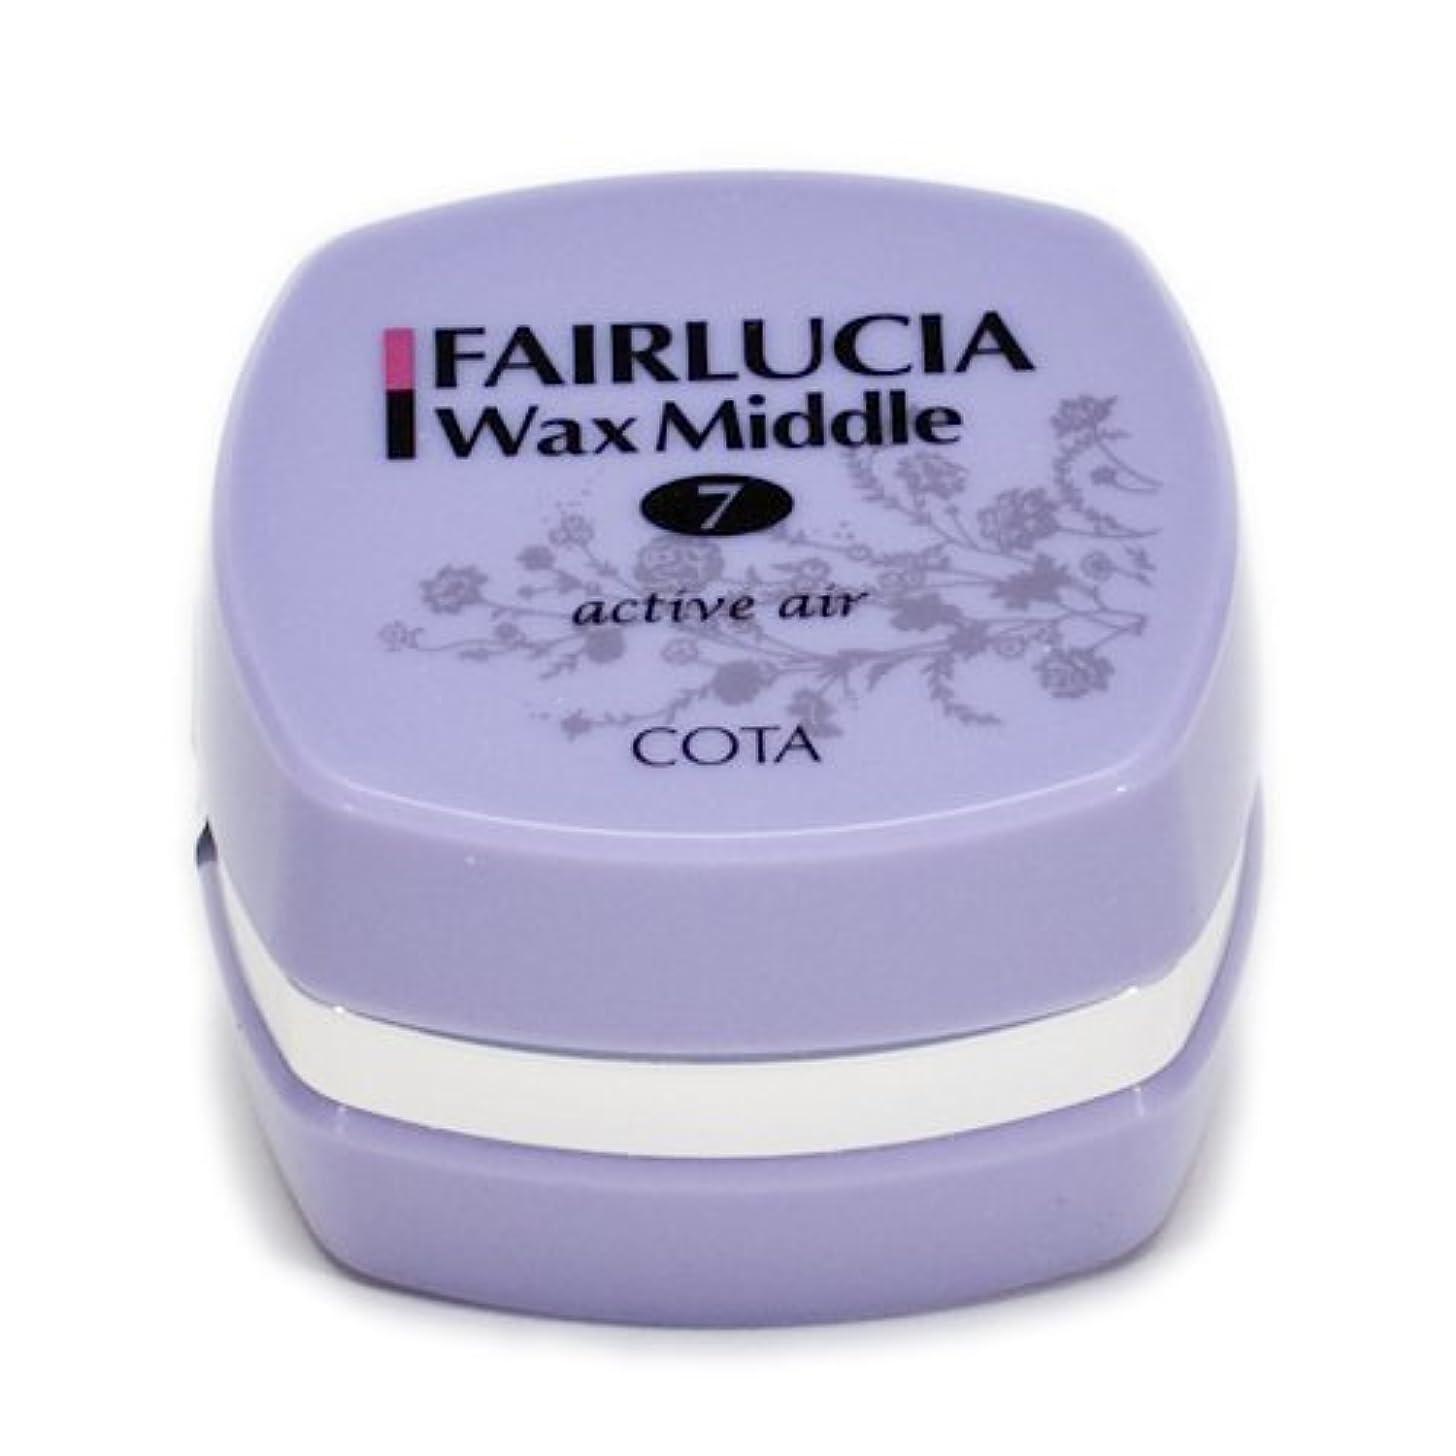 ミスペンド項目抗生物質コタ フェアルシア ワックス ミドル 60g